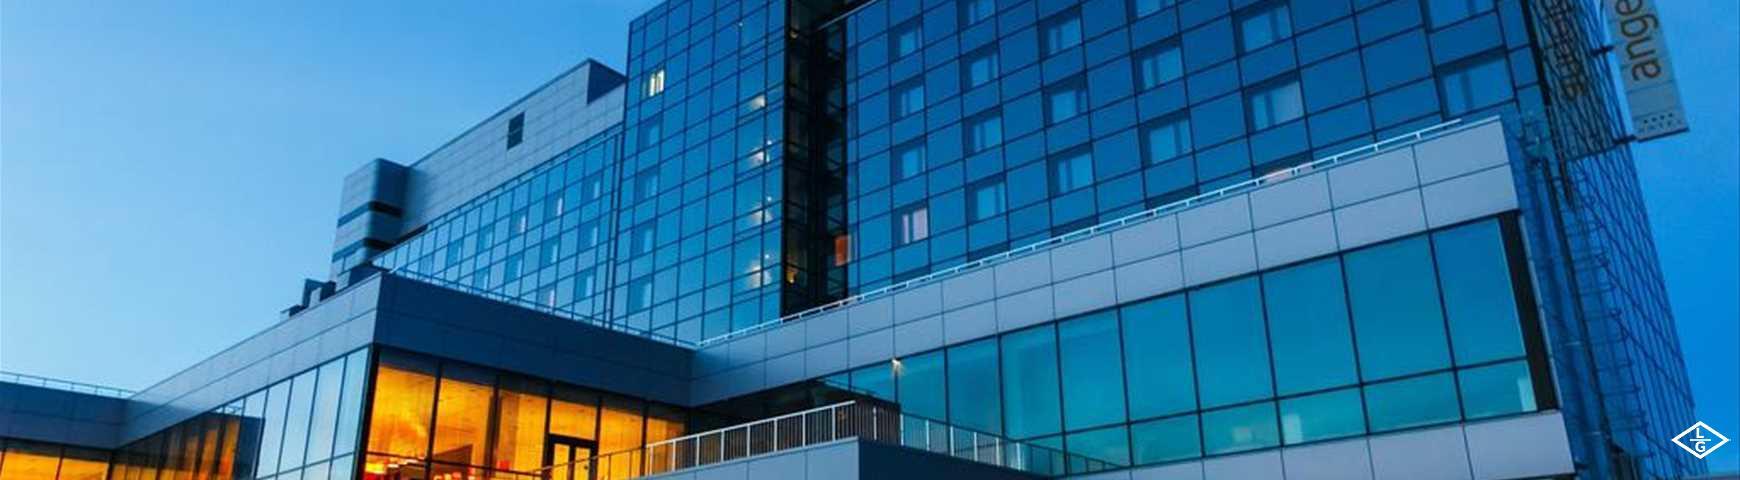 Тревел-блогеры оценили отель Angelo by Vienna House как лучший отель 4* у аэропорта в России